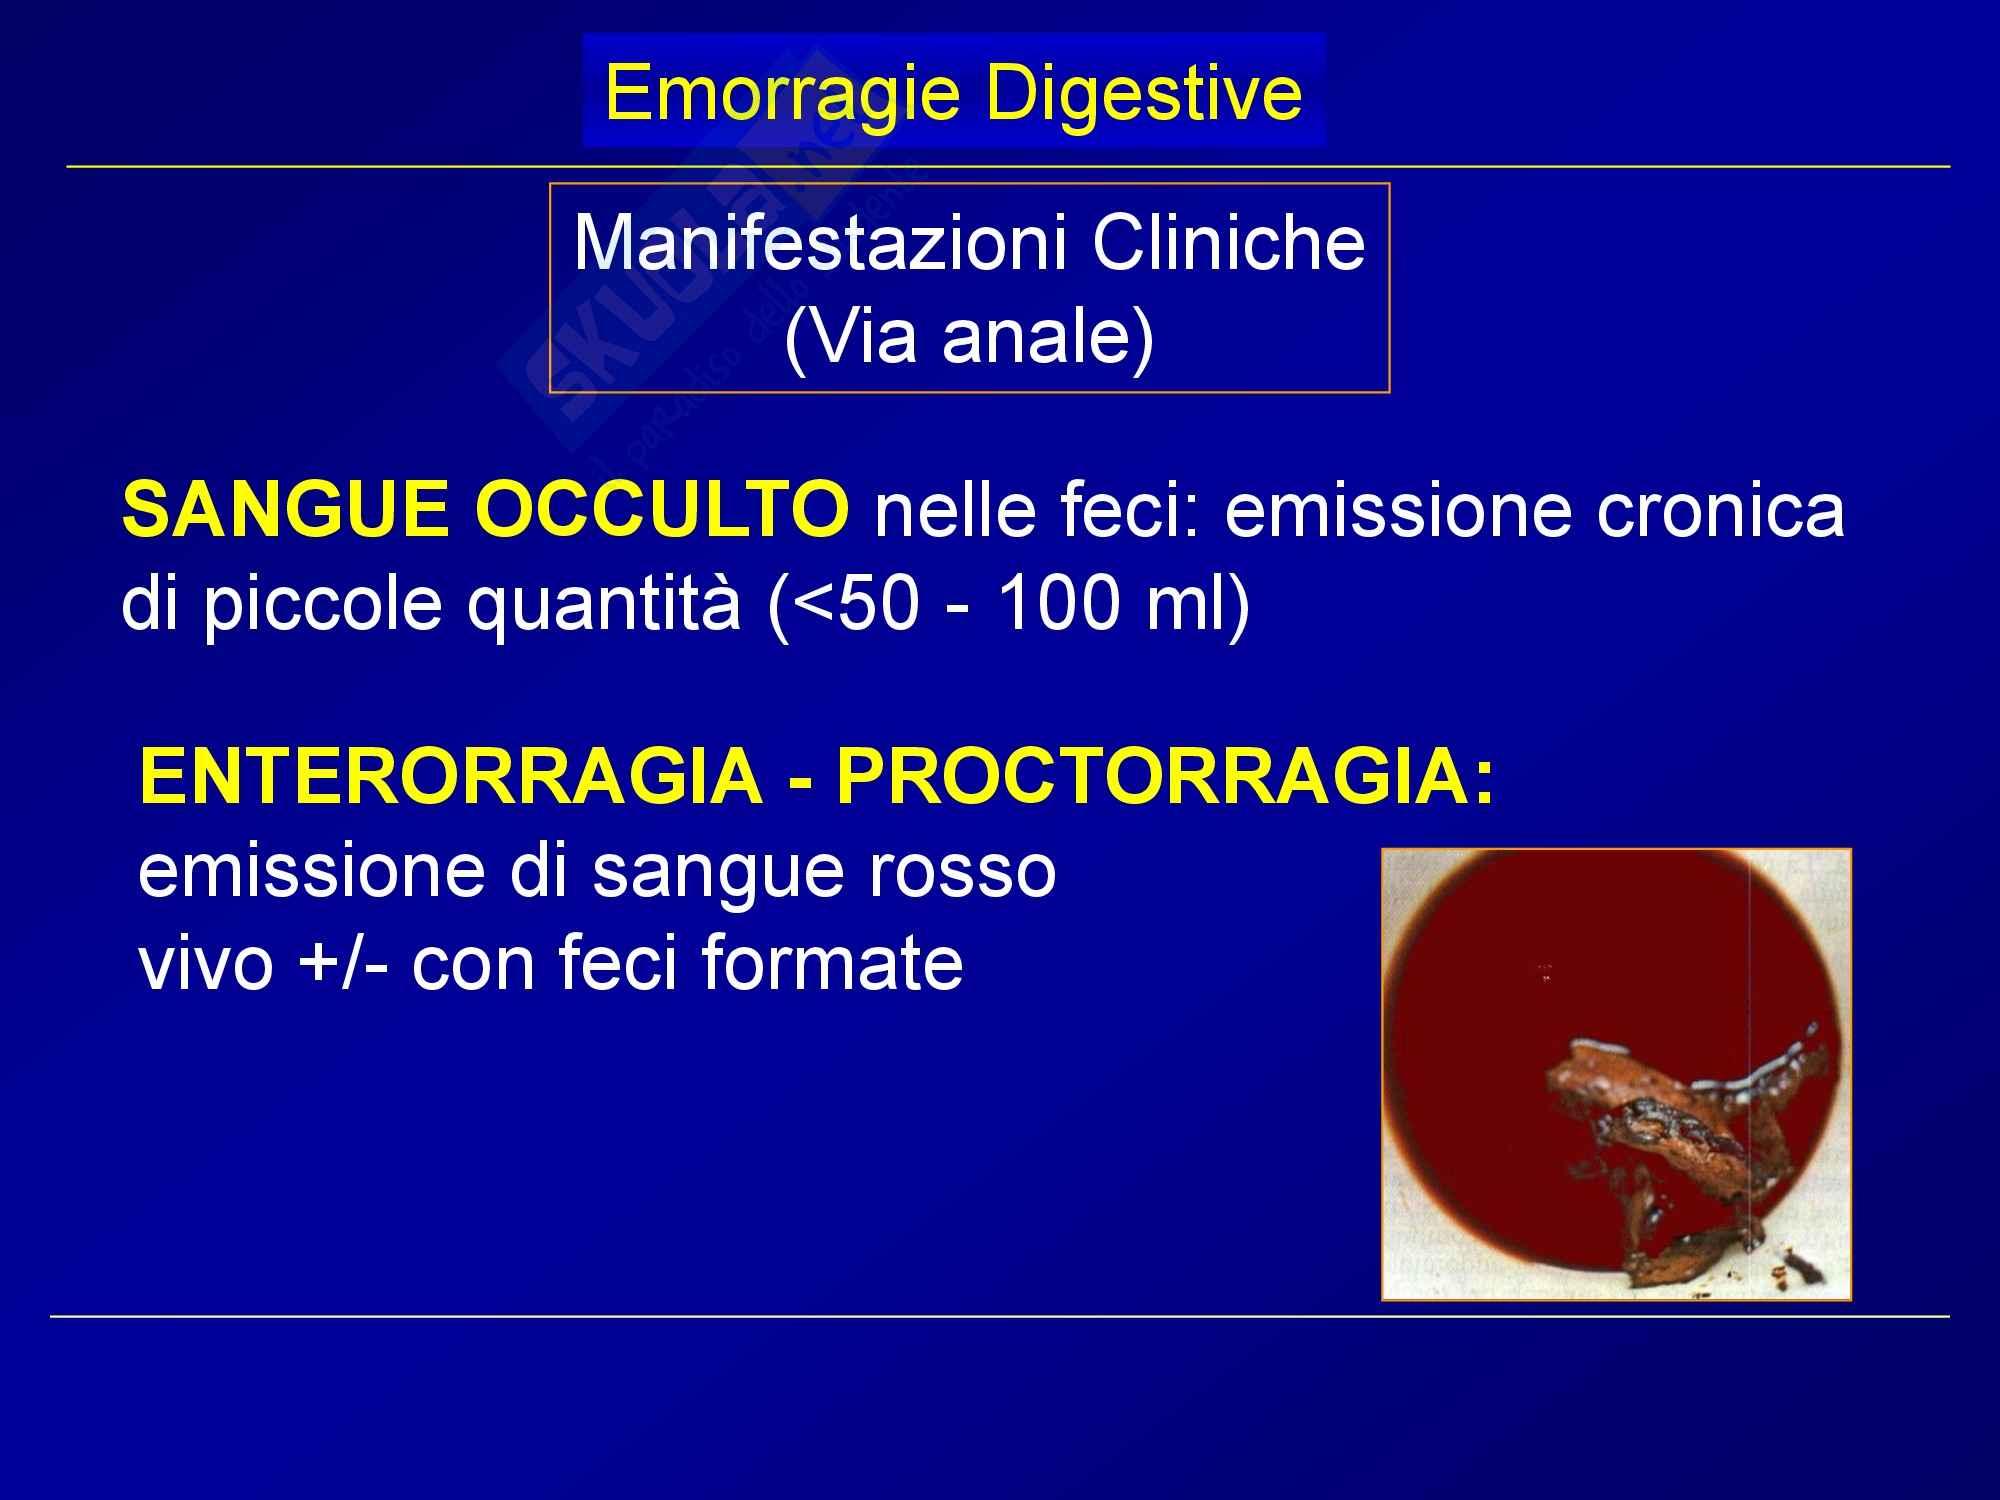 Chirurgia generale - emorragie digestive Pag. 6